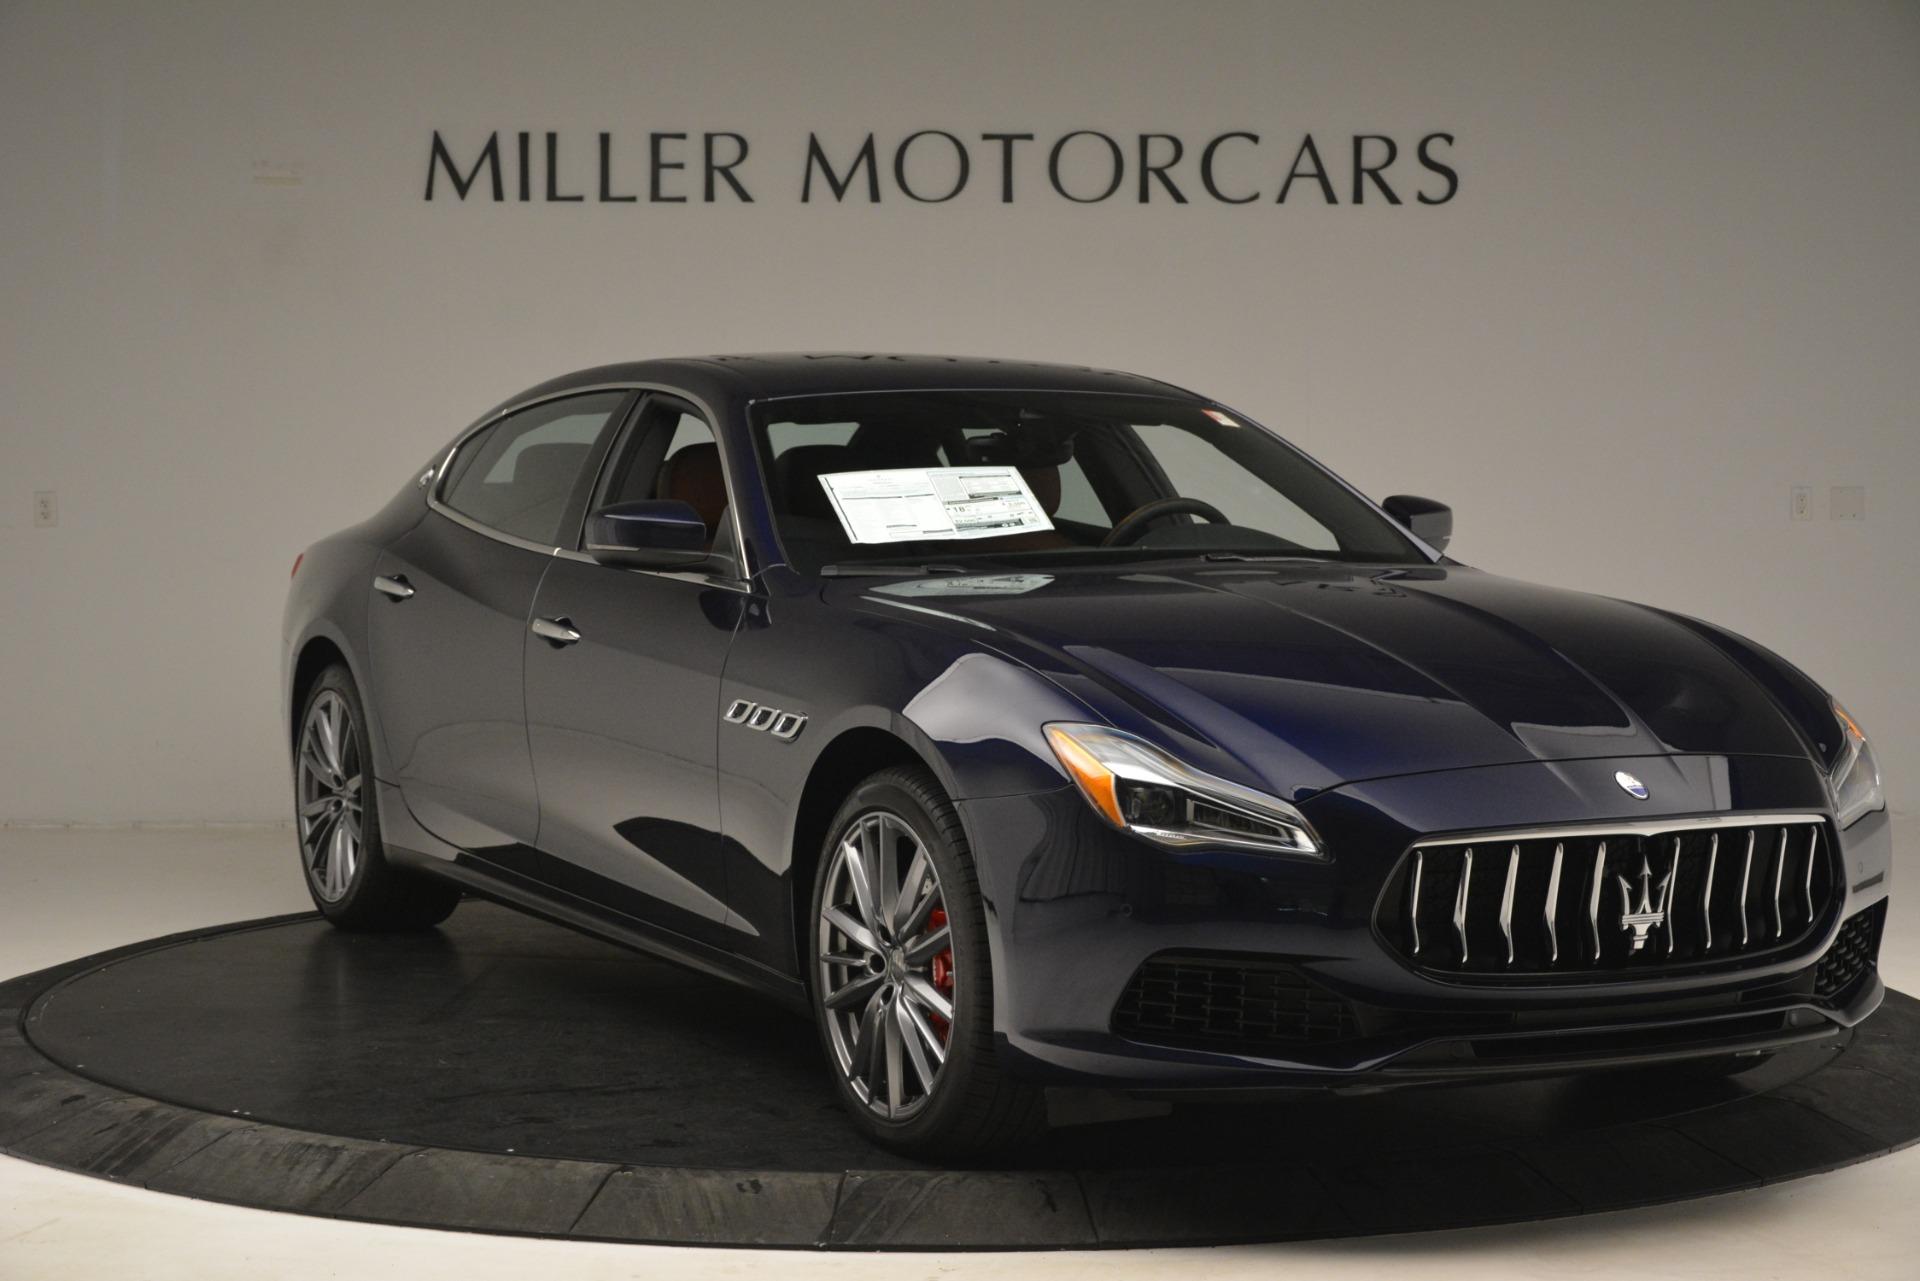 New 2019 Maserati Quattroporte S Q4 For Sale In Westport, CT 2742_p11